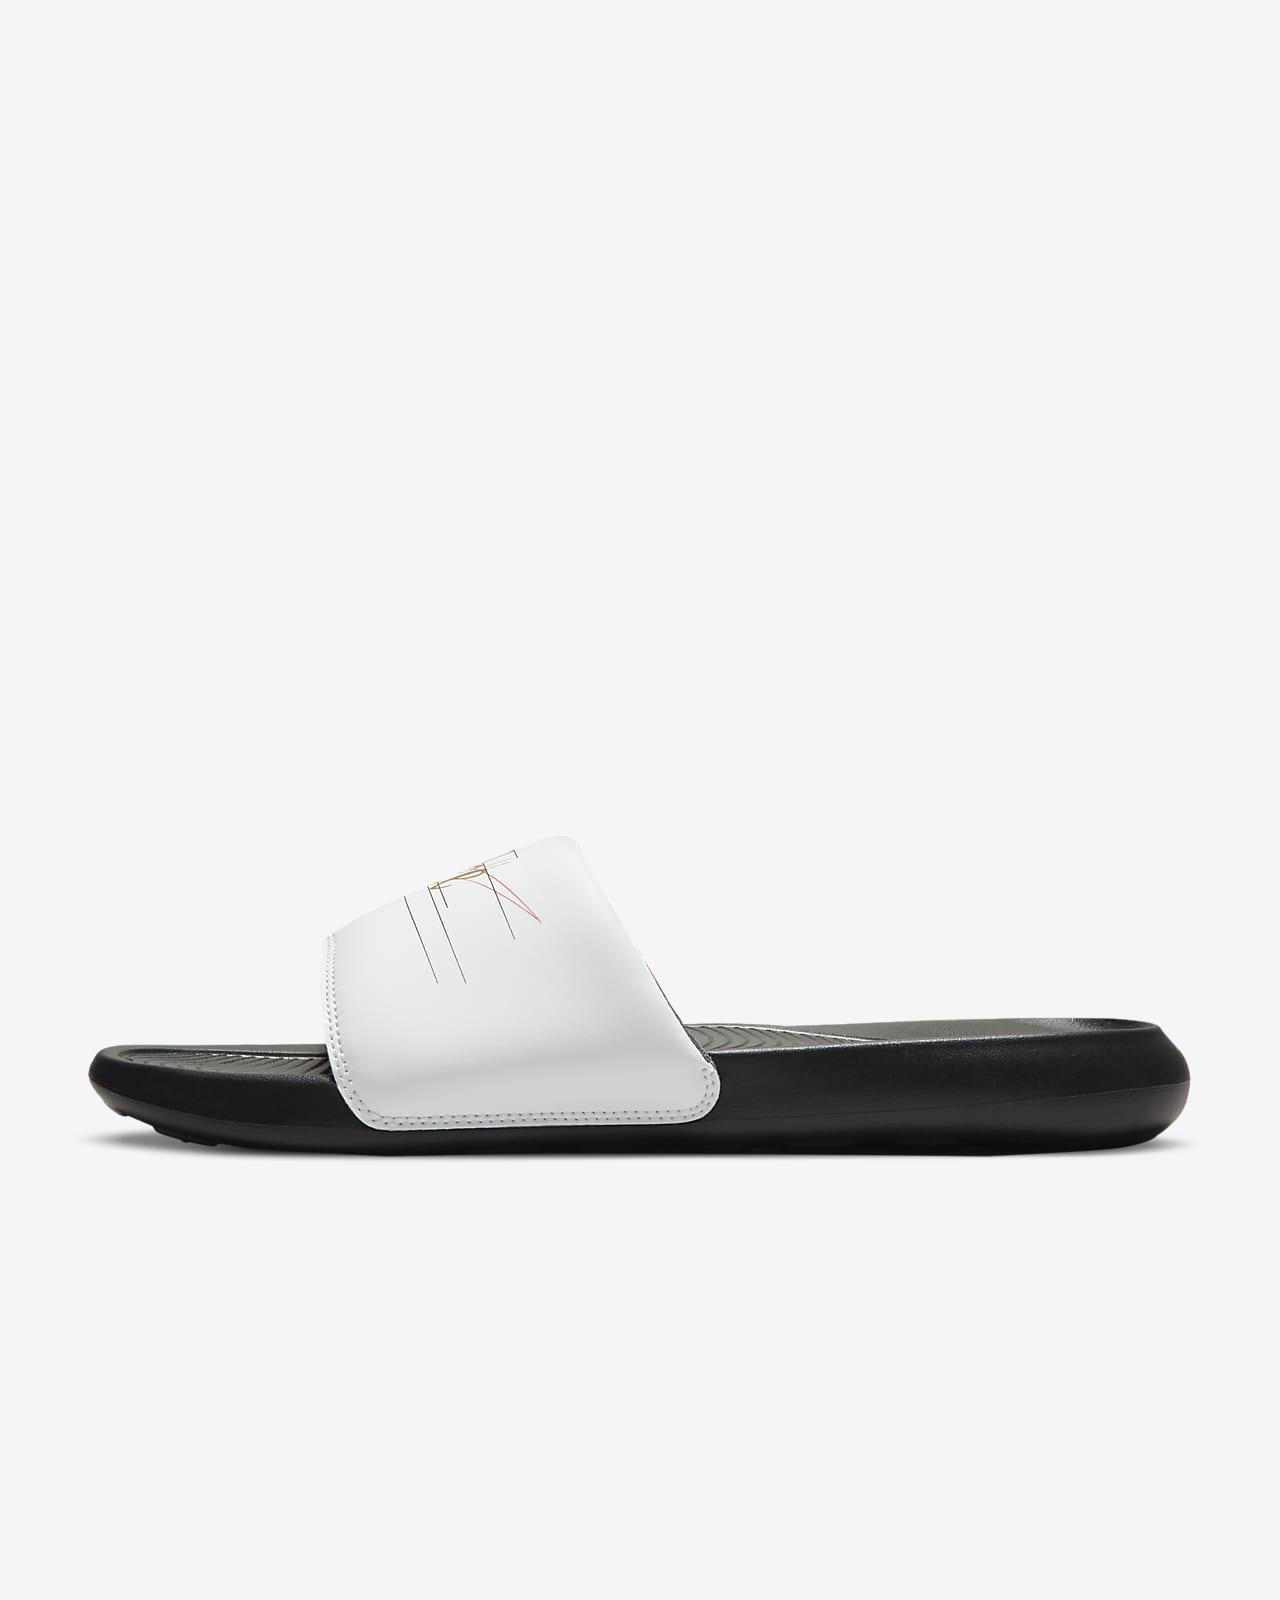 รองเท้าแตะผู้ชายแบบสวมพิมพ์ลาย Nike Victori One